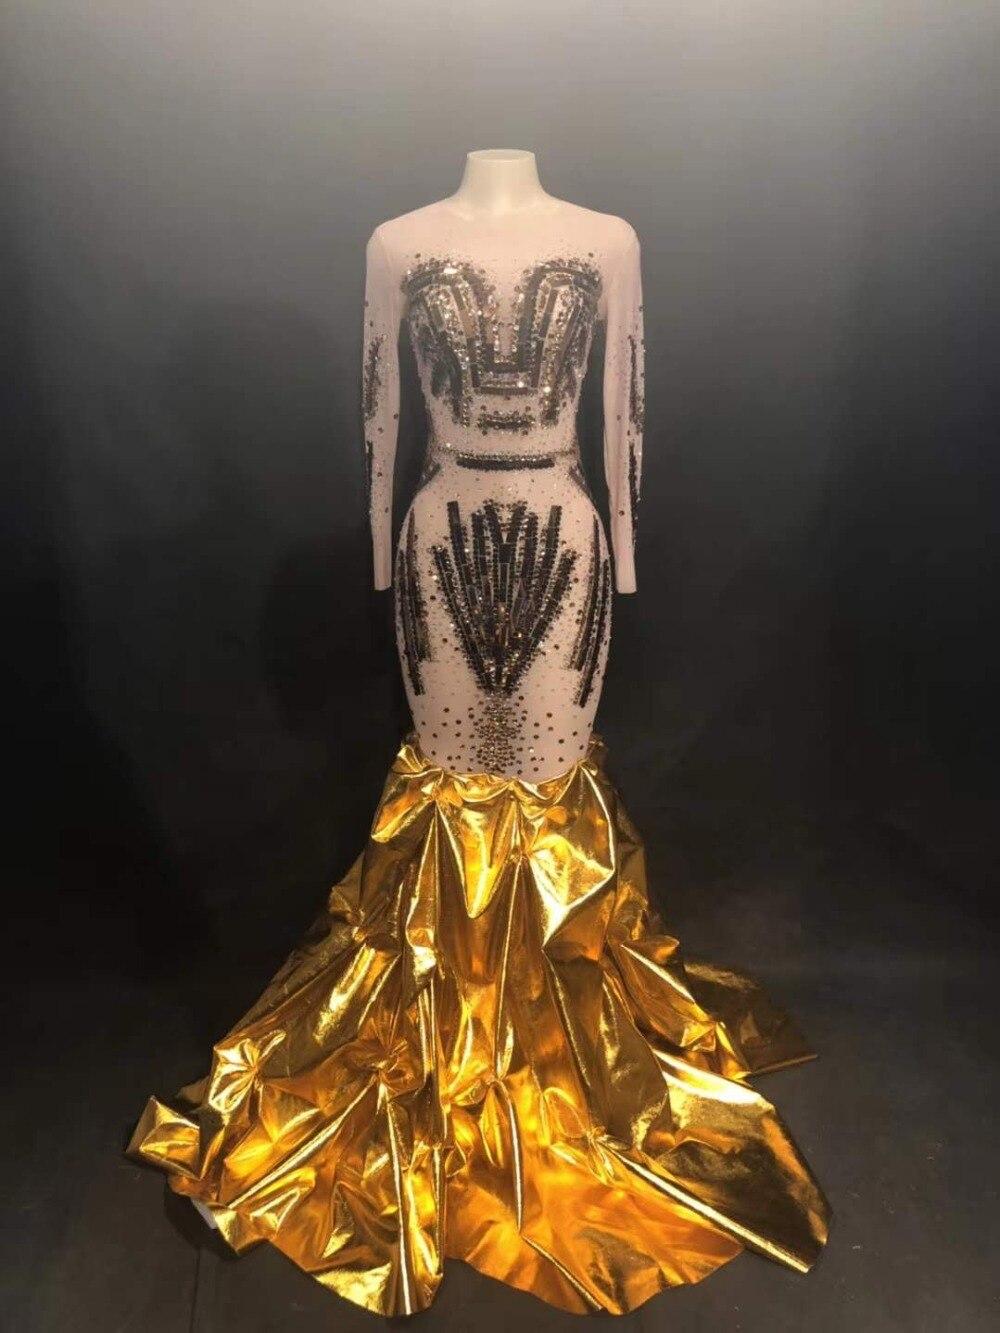 Strass scintillants paillettes d'or robe traînante femmes formelles soirée chanteuse une pièce Costume Bar Performance scène tenue